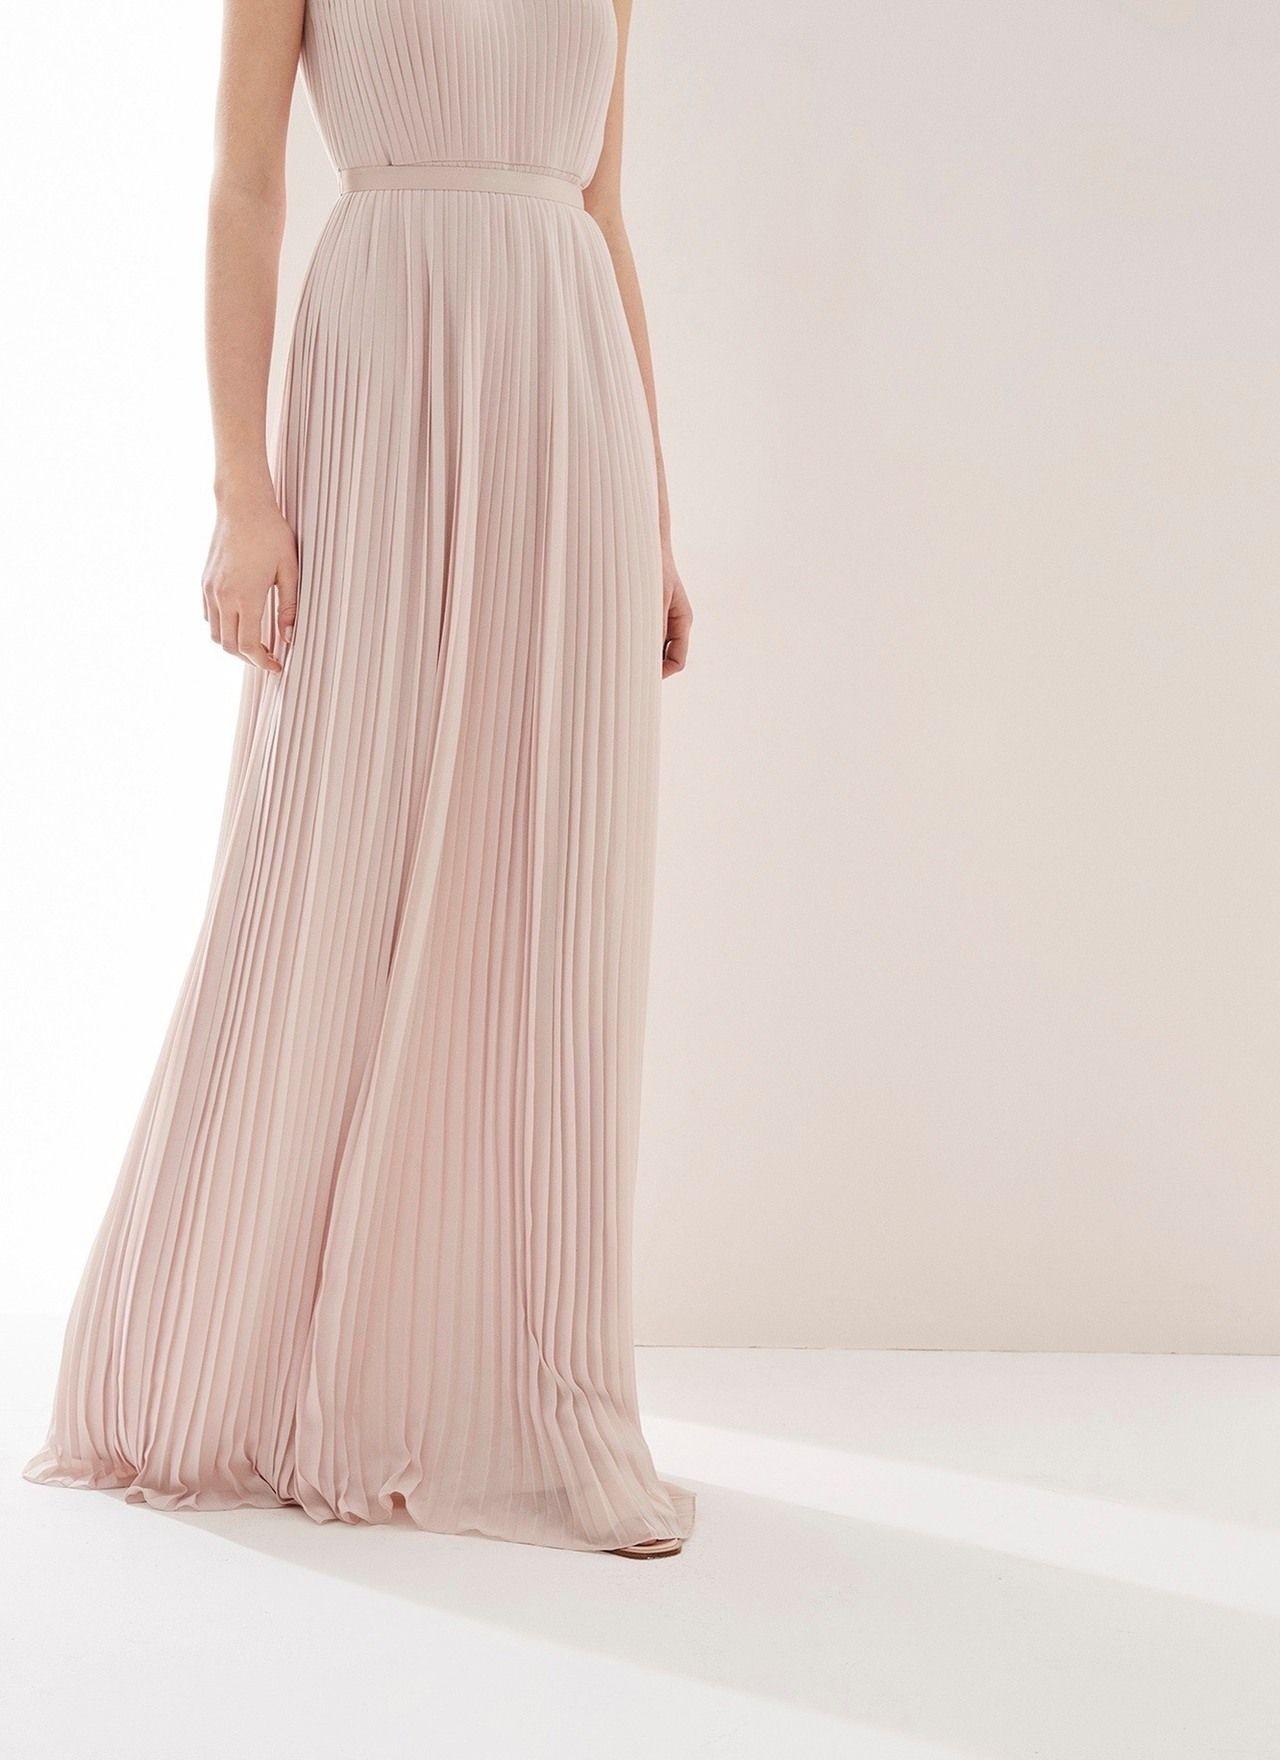 Vestido largo plisado - Vestidos | Adolfo Dominguez shop online ...